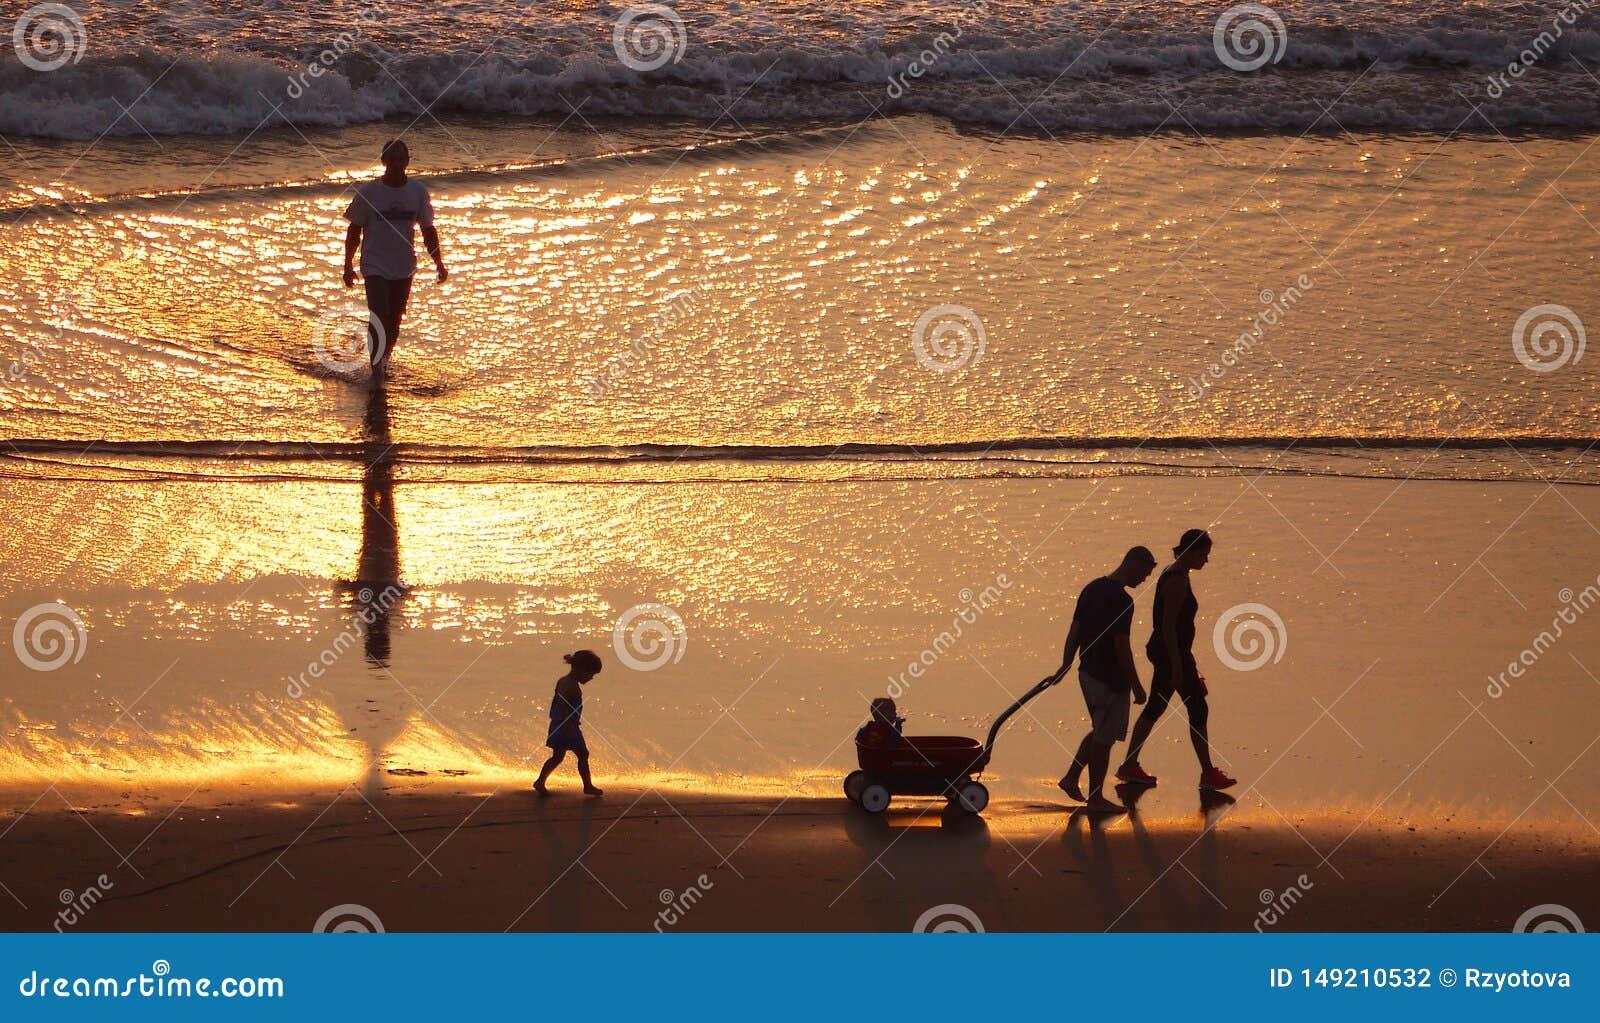 Σκιαγραφίες των ανθρώπων στην παραλία